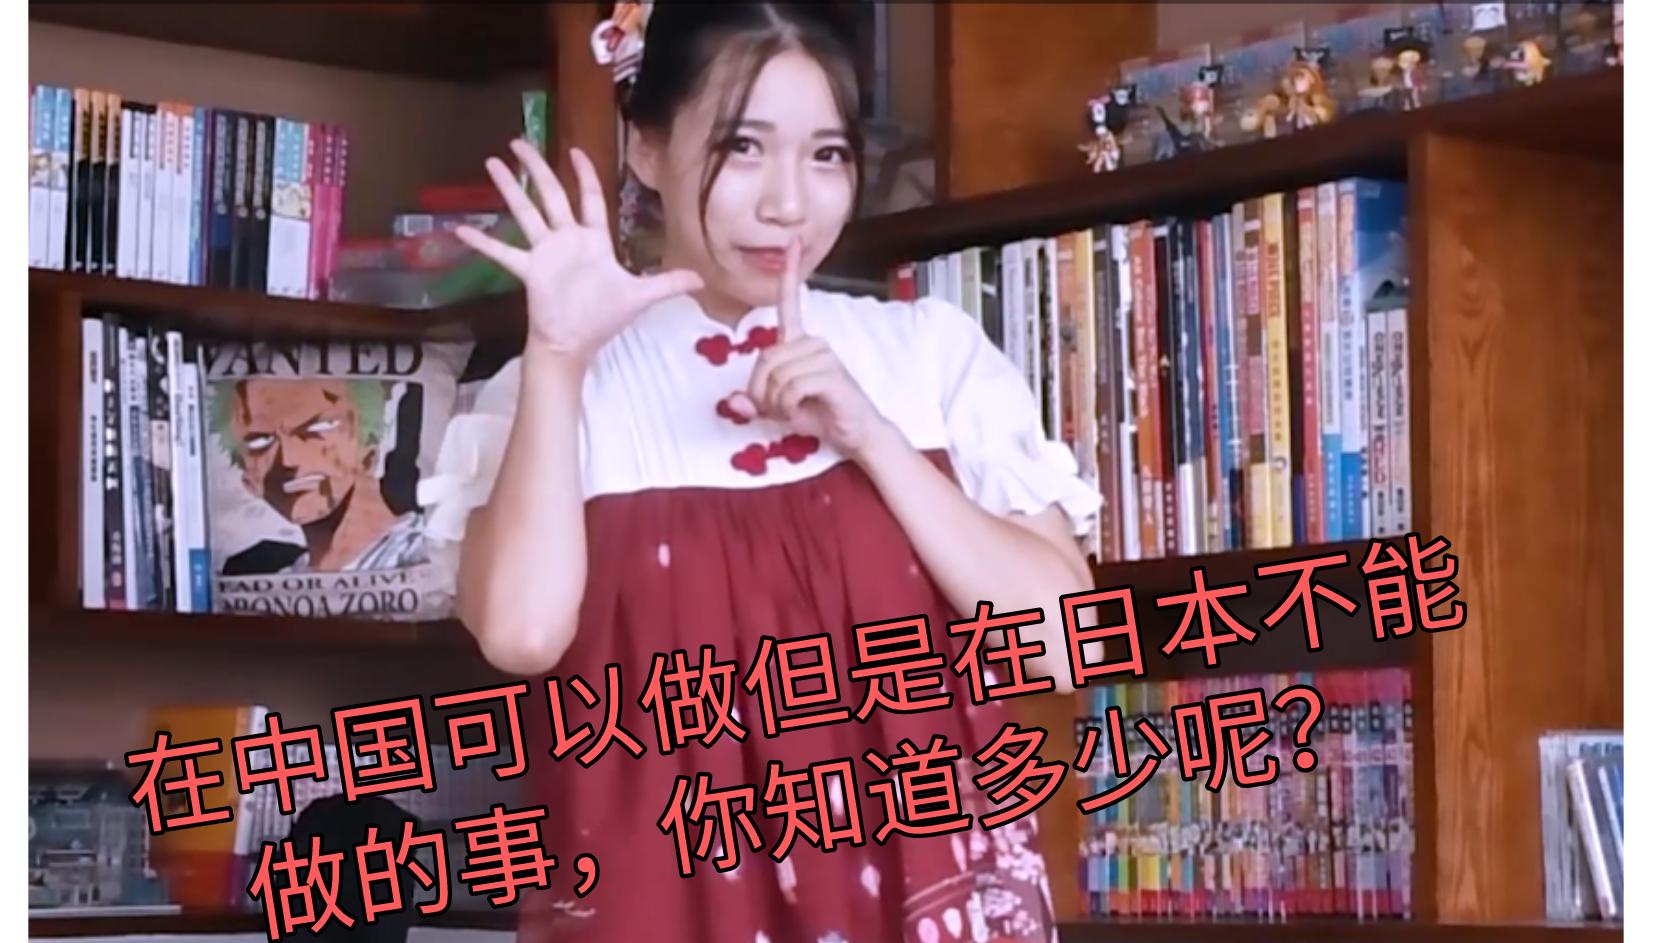 在中国可以做但是在日本不能做的事,你知道多少呢?